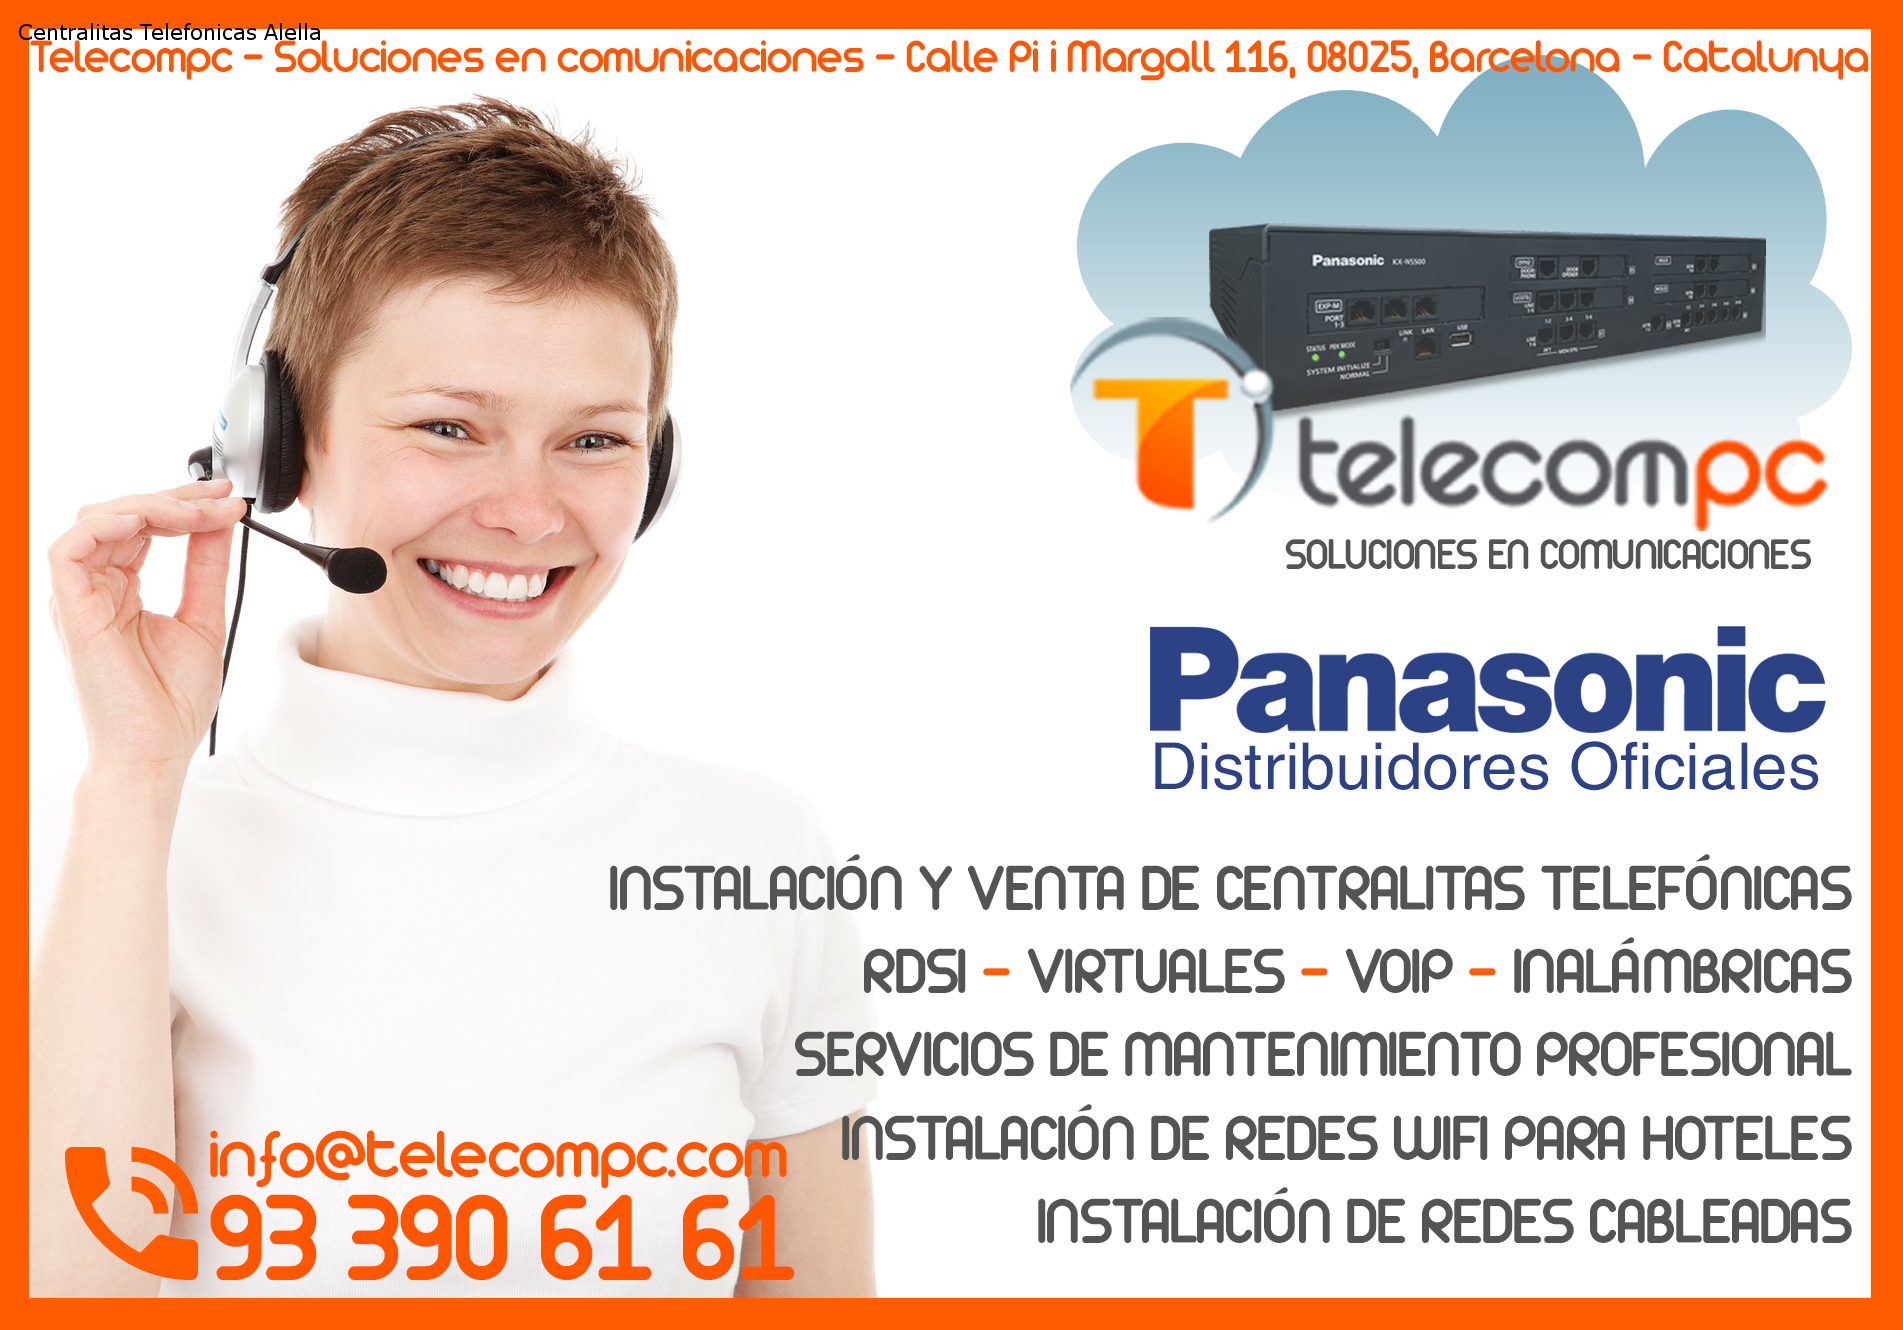 Centralitas Telefonicas Alella